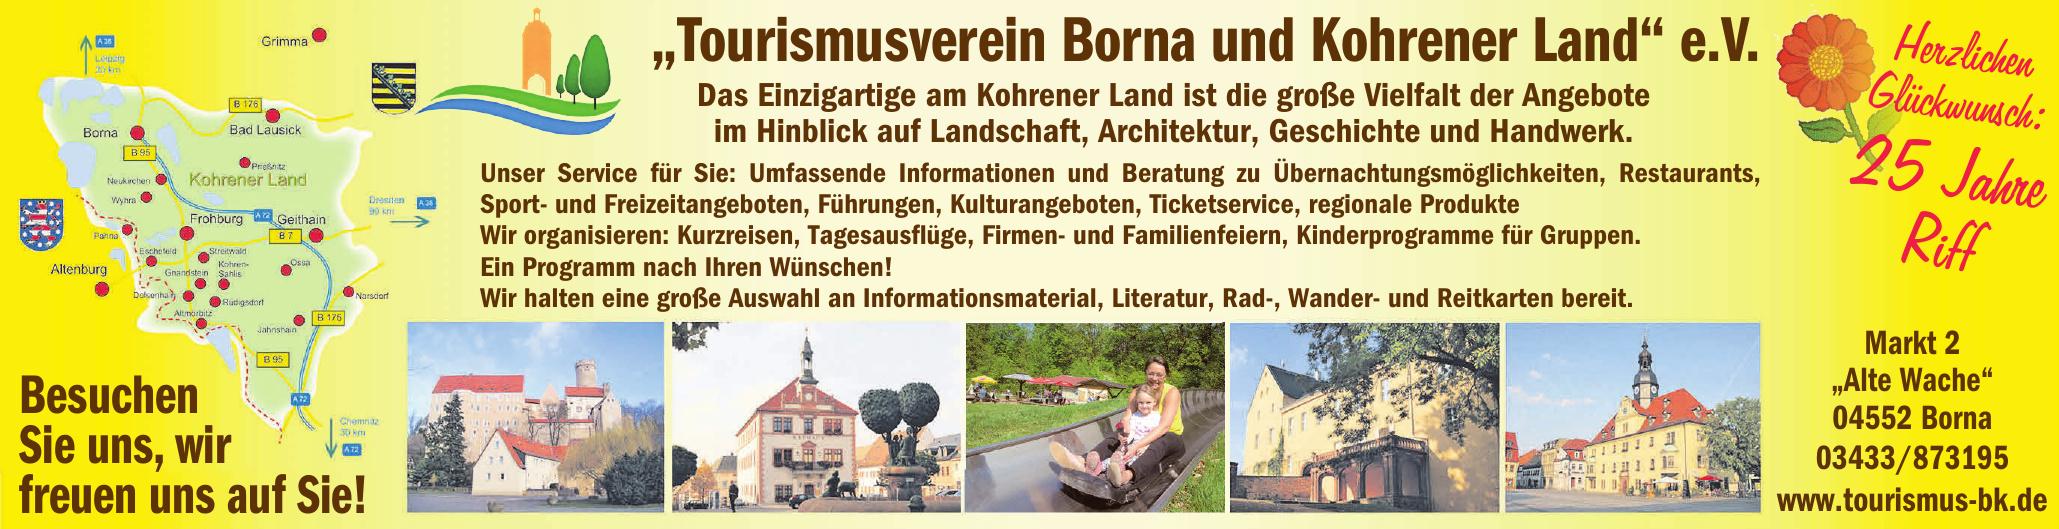 """""""Tourismusverein Borna und Kohrener Land"""" e.V."""